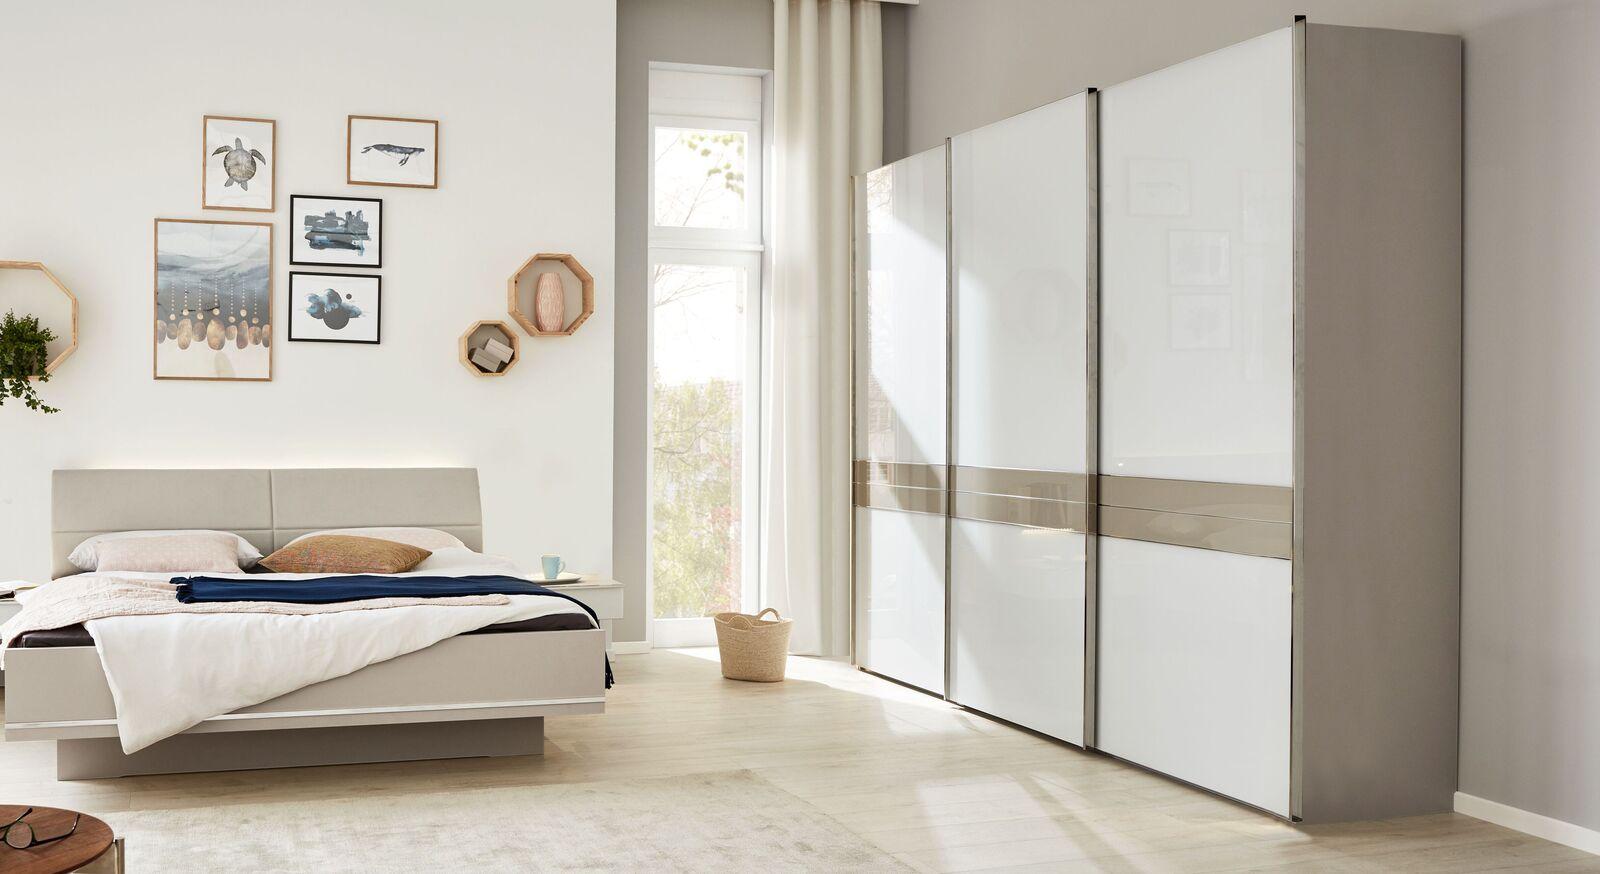 INTERLIVING Schwebetüren-Kleiderschrank 1009 in geradlinigem Design